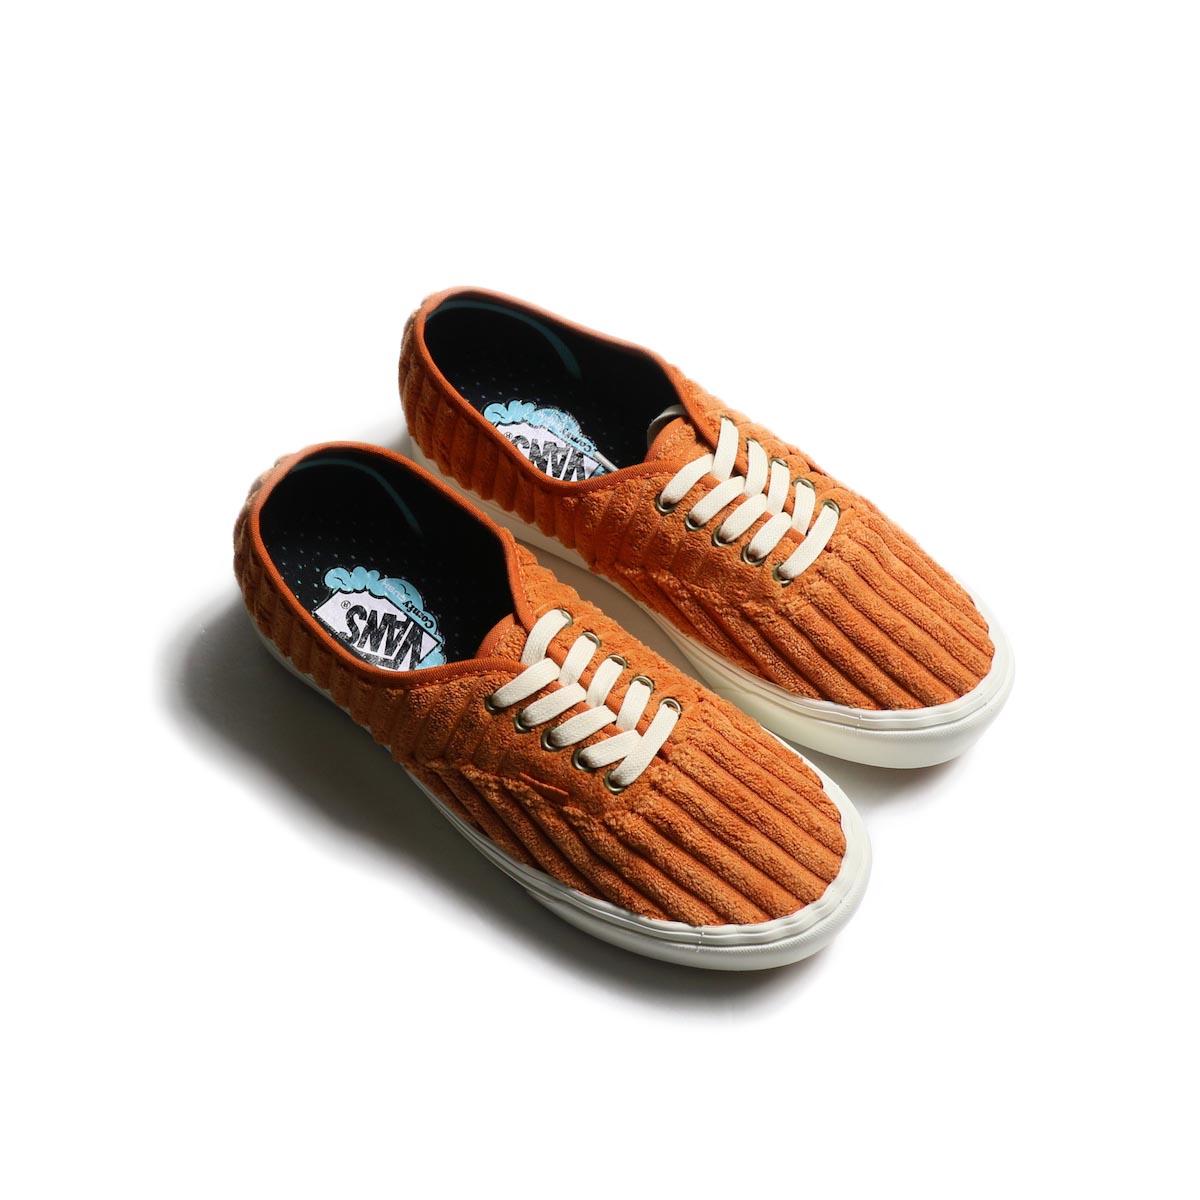 VANS / COMFYCUSH AUTHENTIC (JUMBO CORD) (Orange)